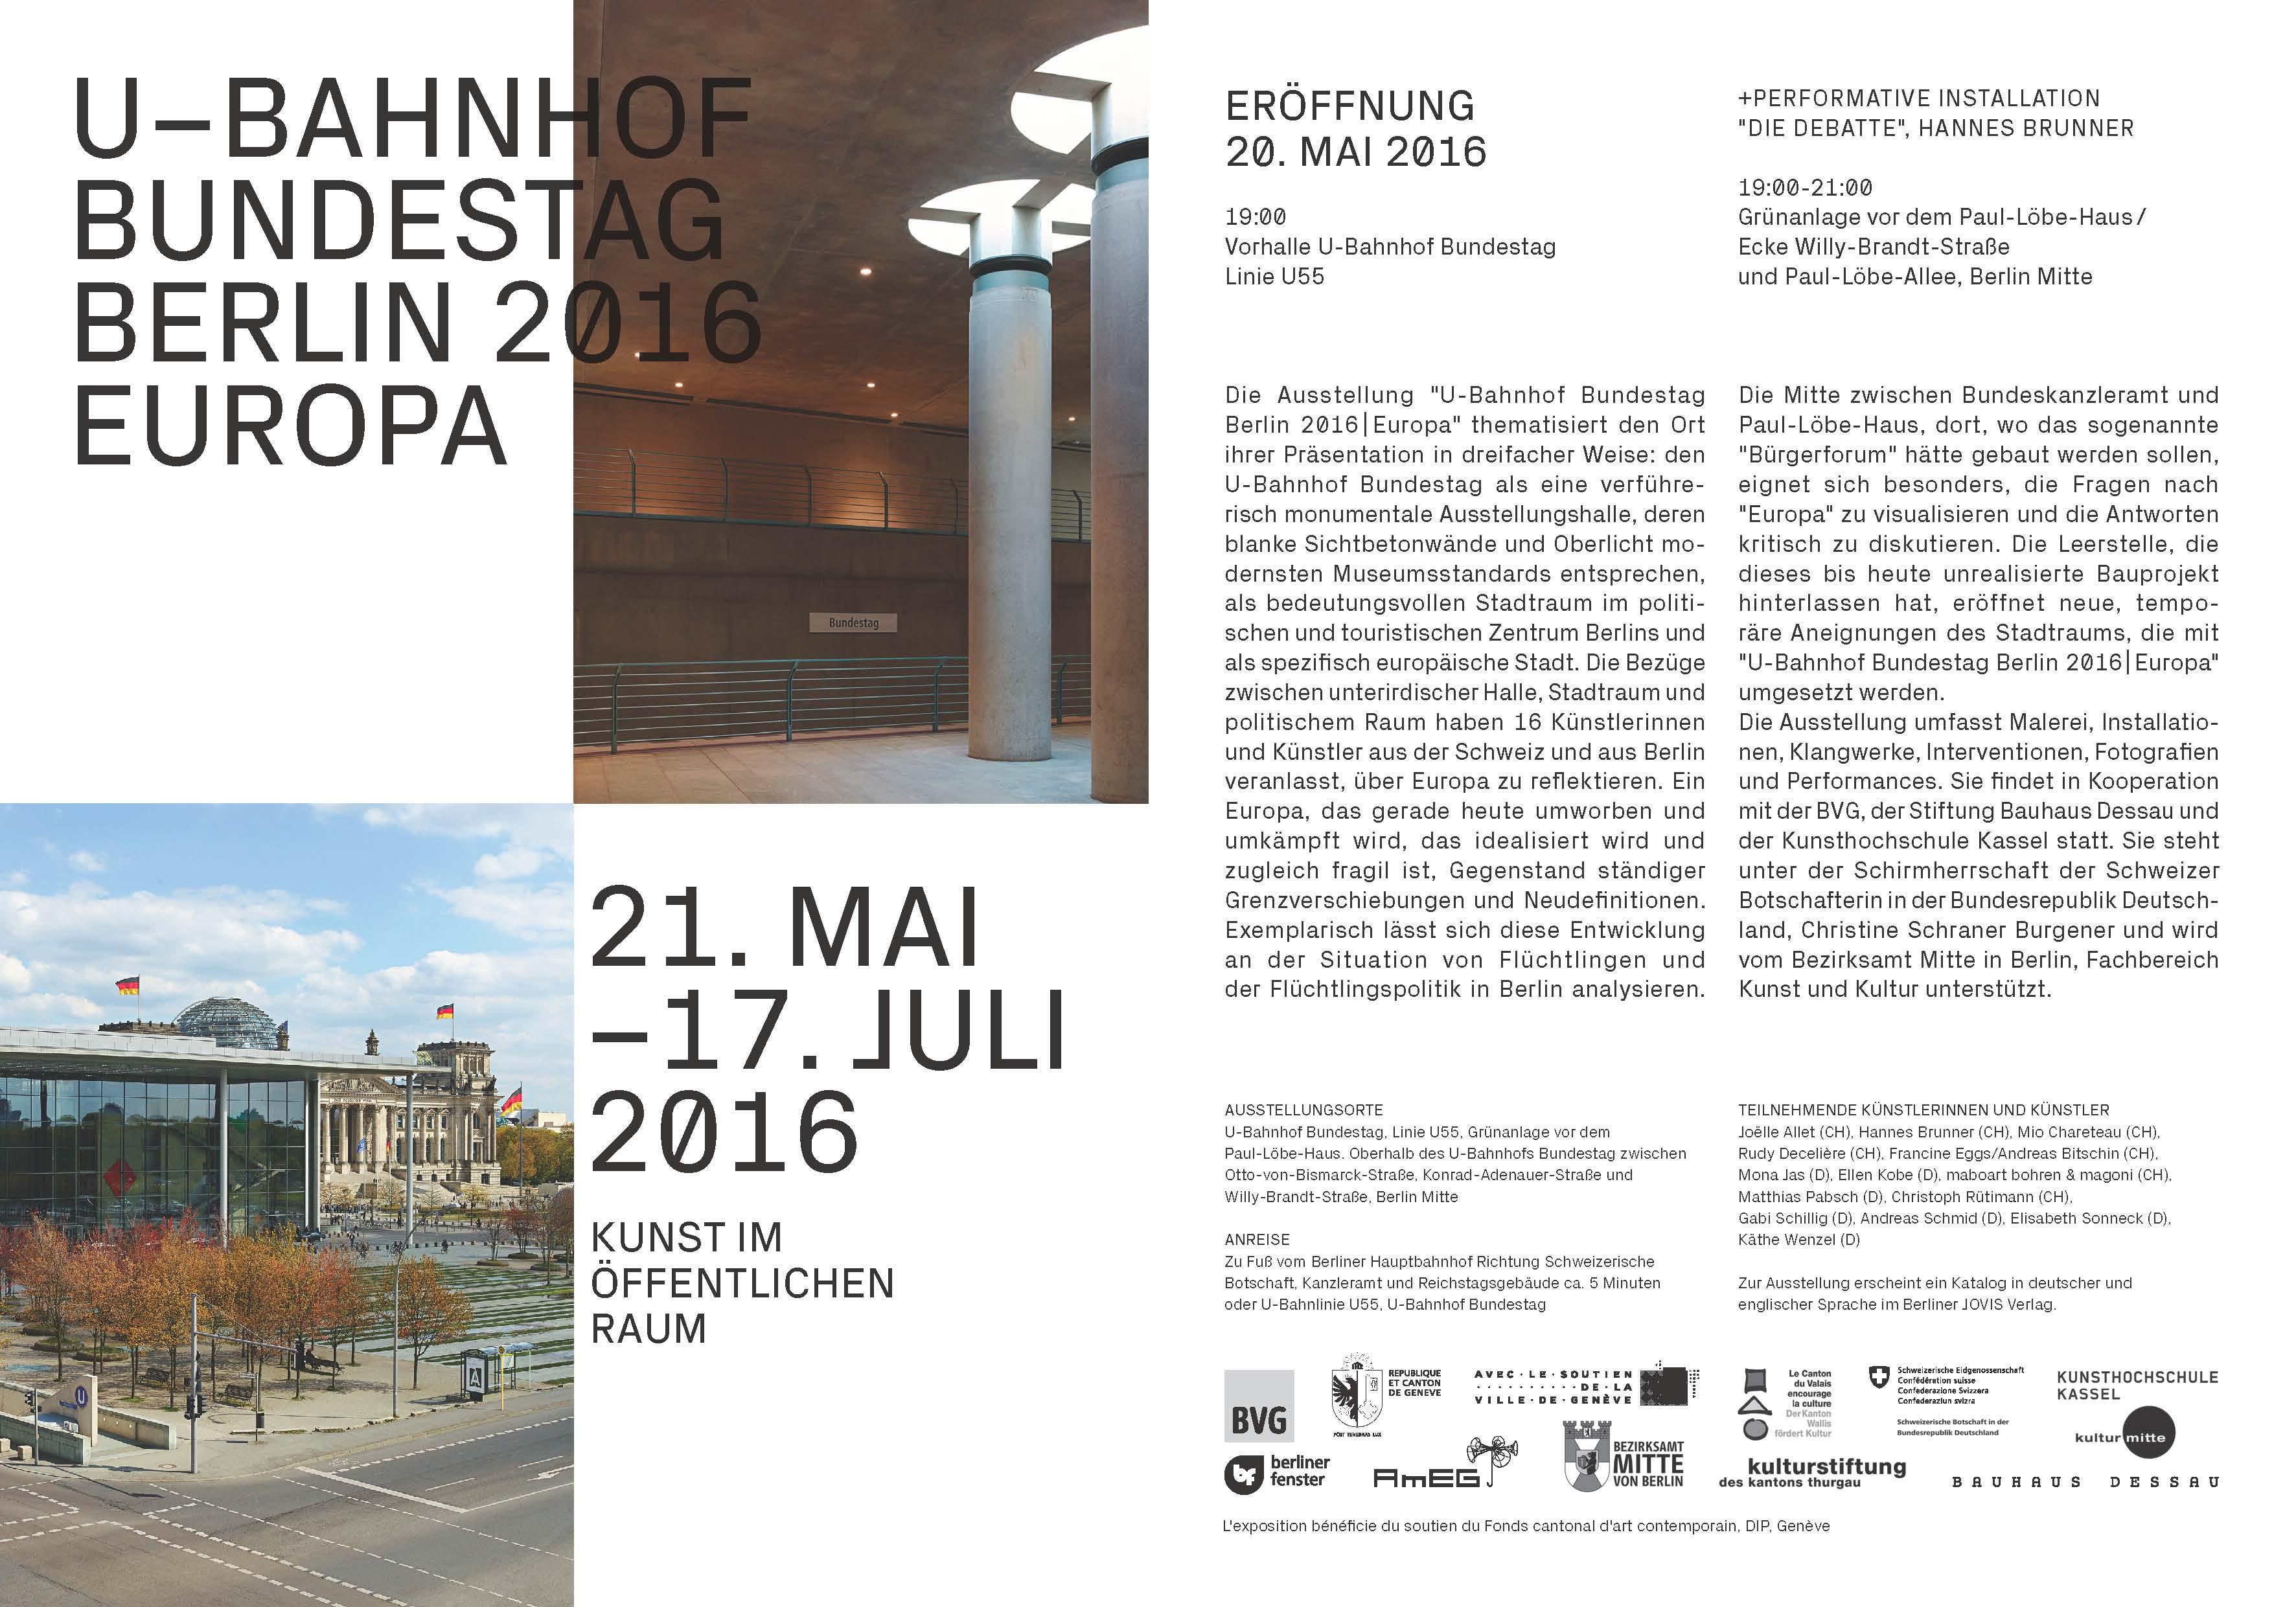 U-Bahnhof_Bundestag_Berlin_2016_Europa_Ausstellungsführer_Page_1